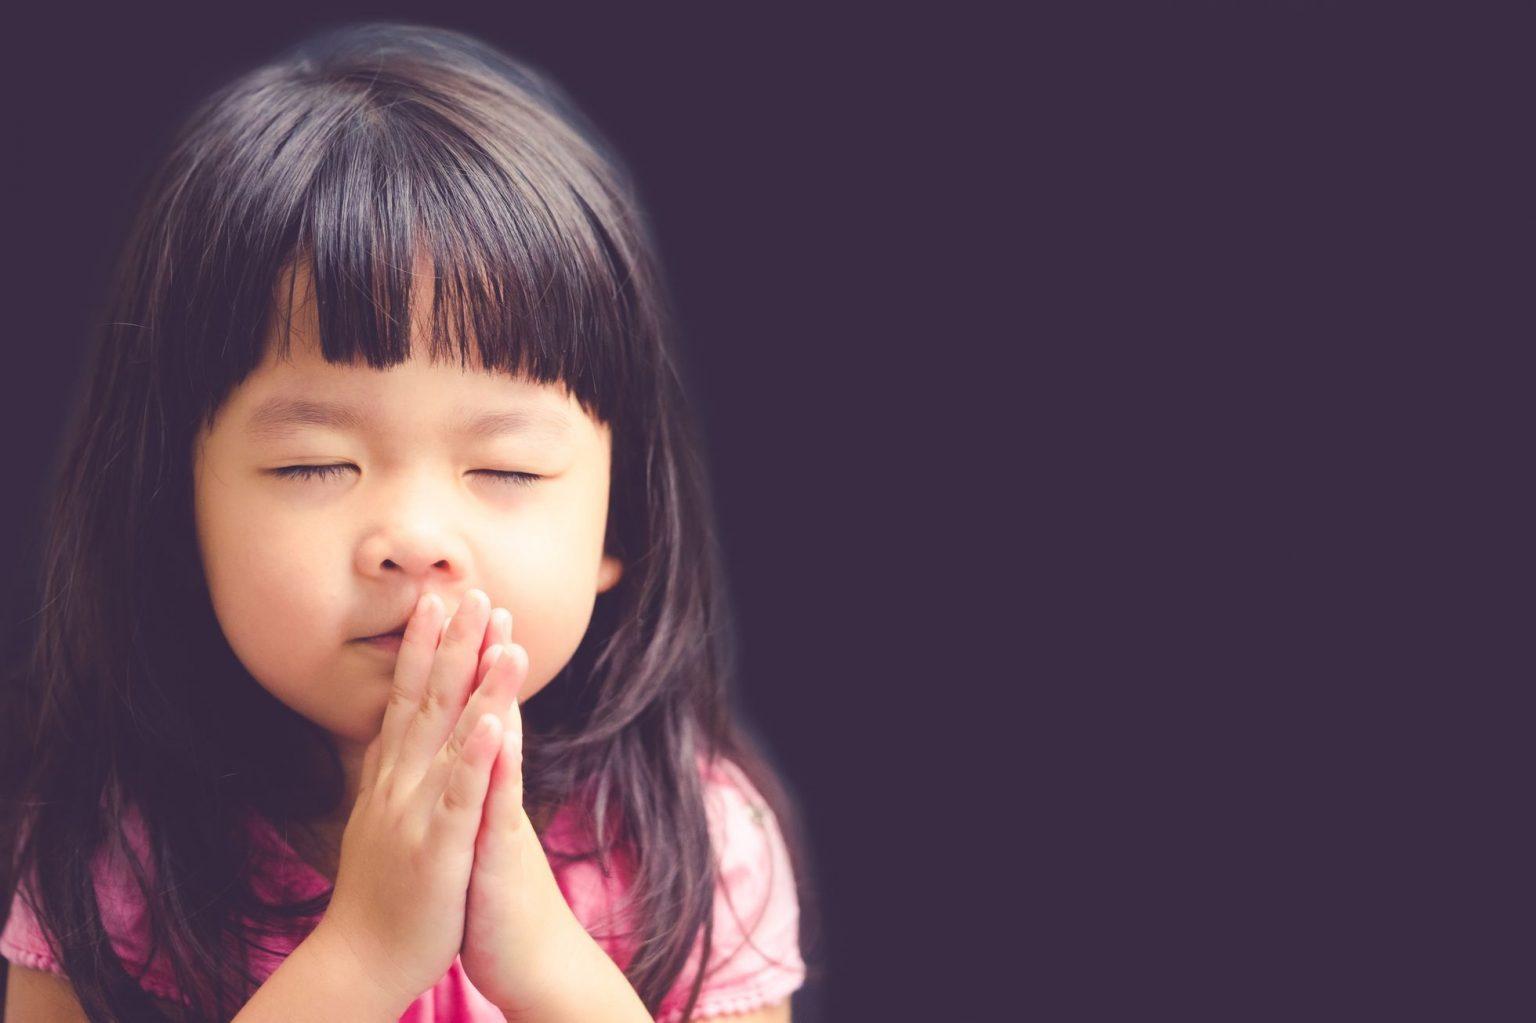 Dedíquense a la Oración